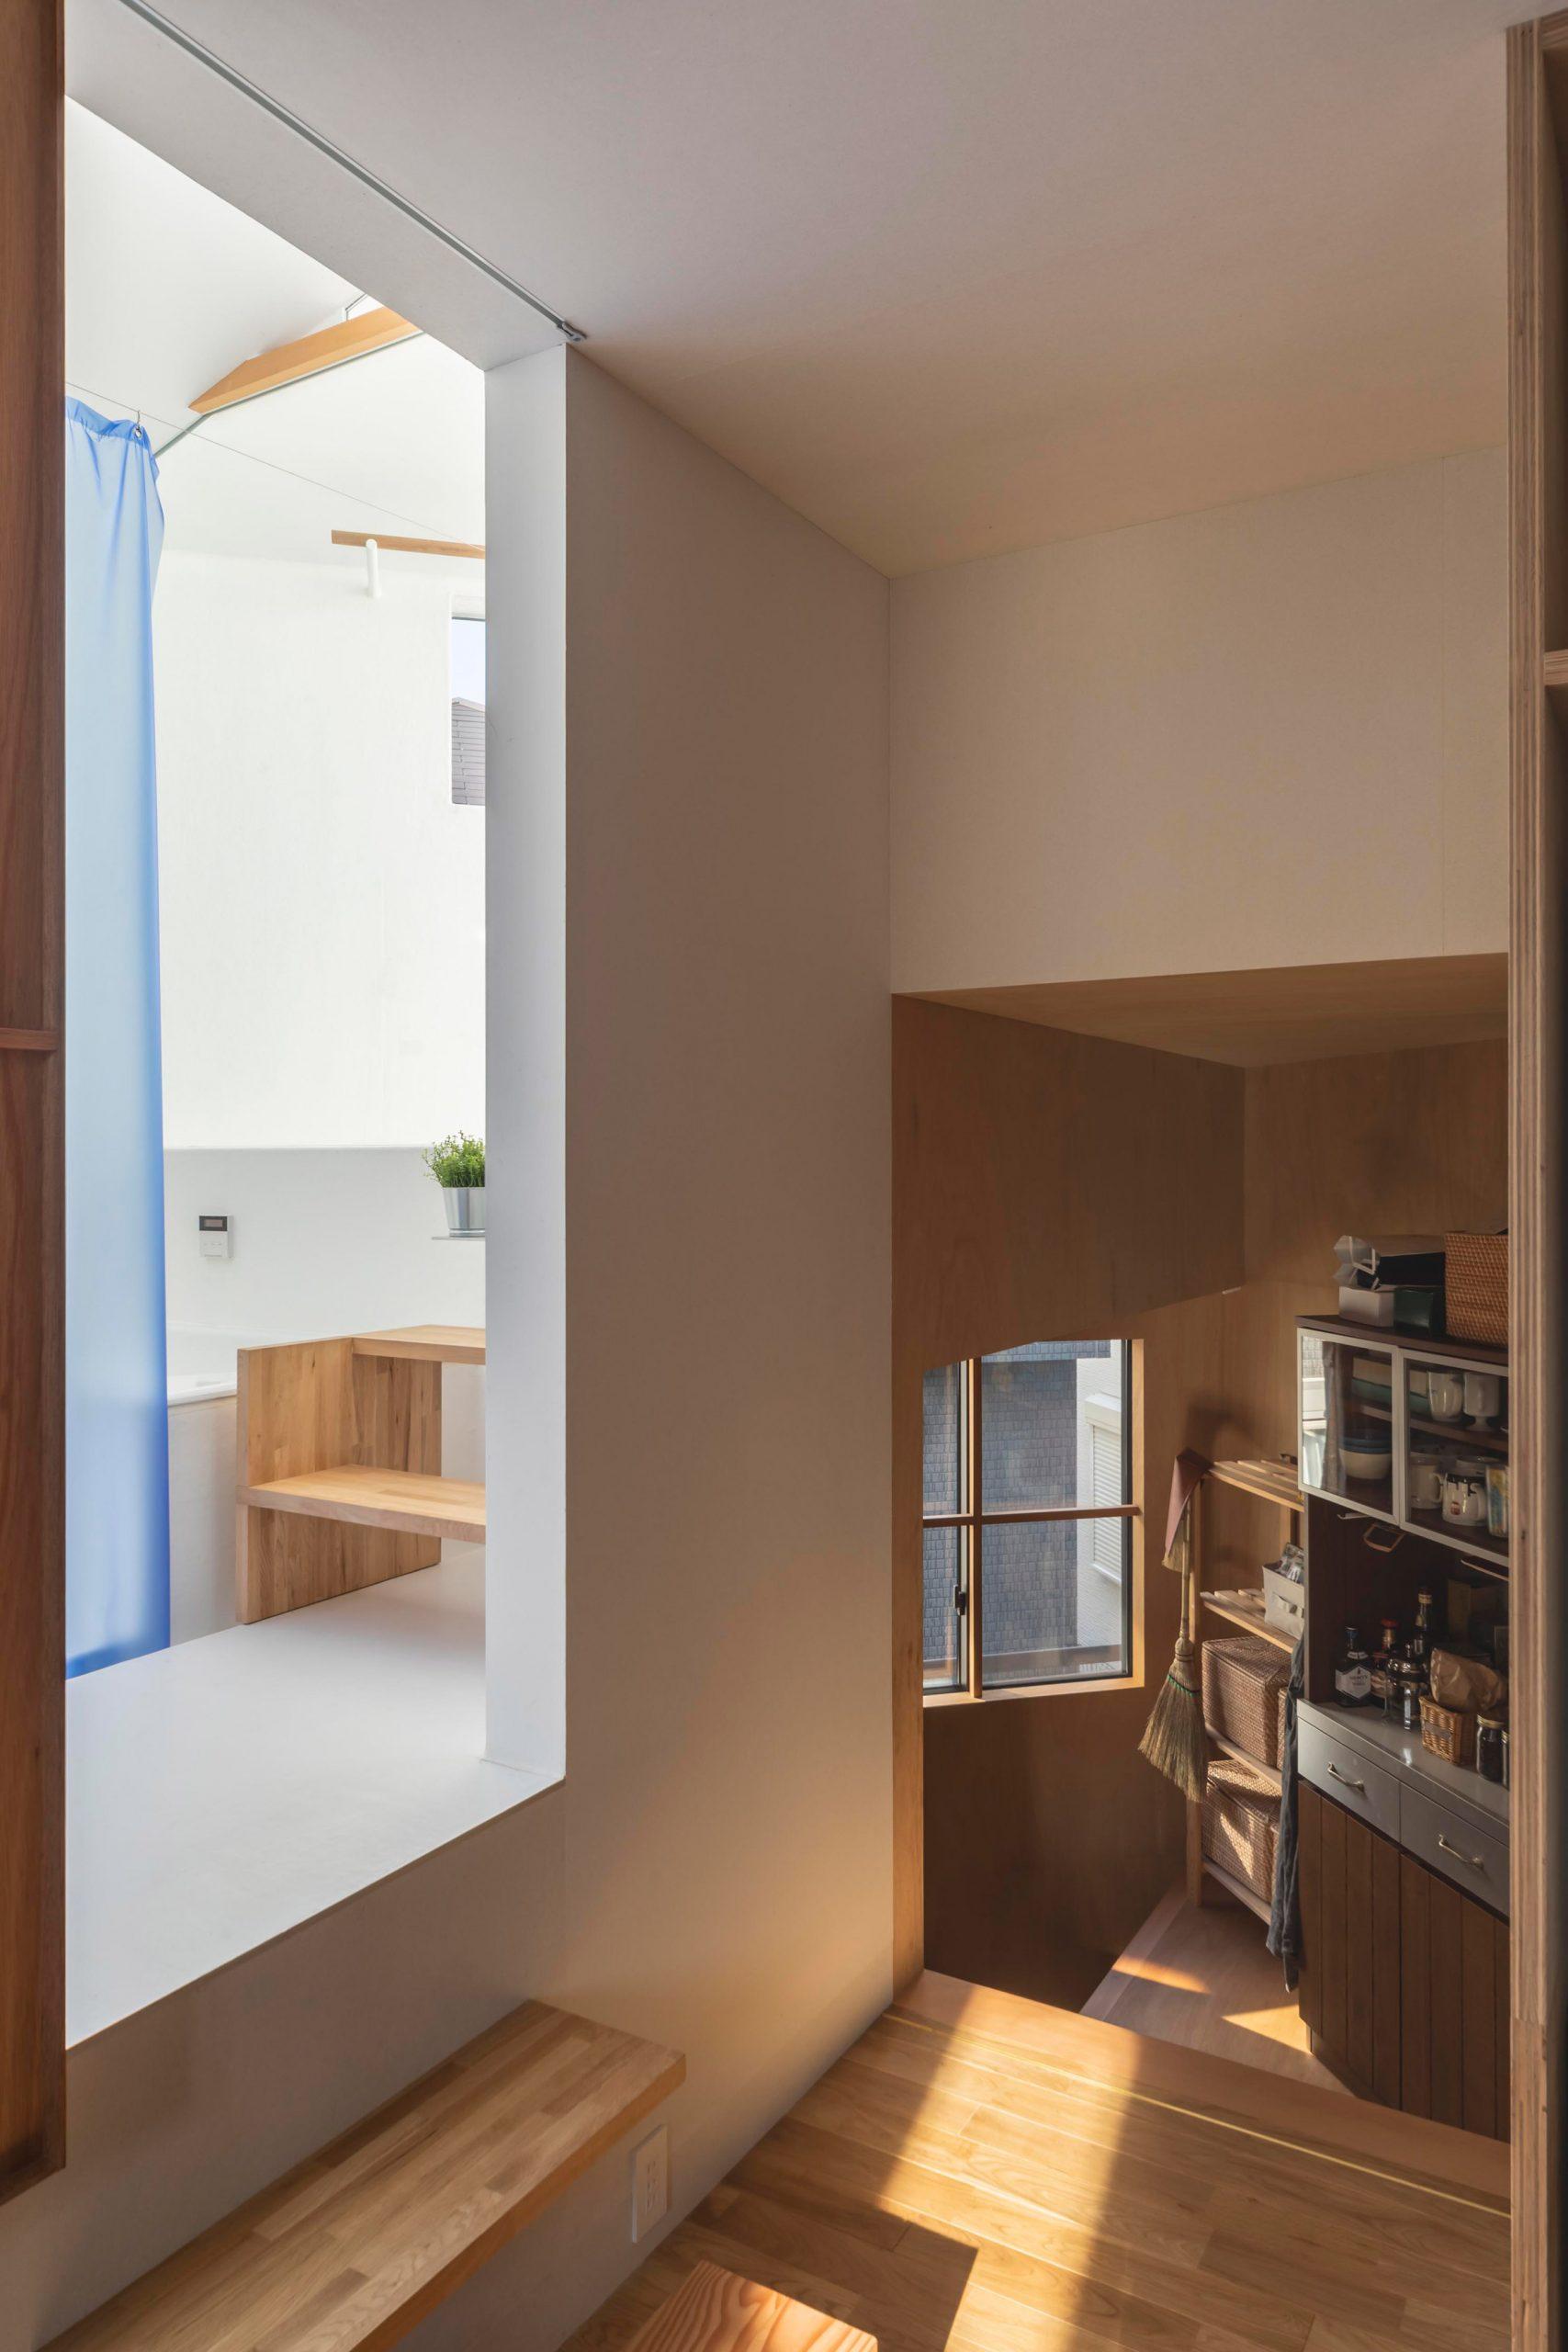 Thiết kế nội thất căn hộ nhỏ 25